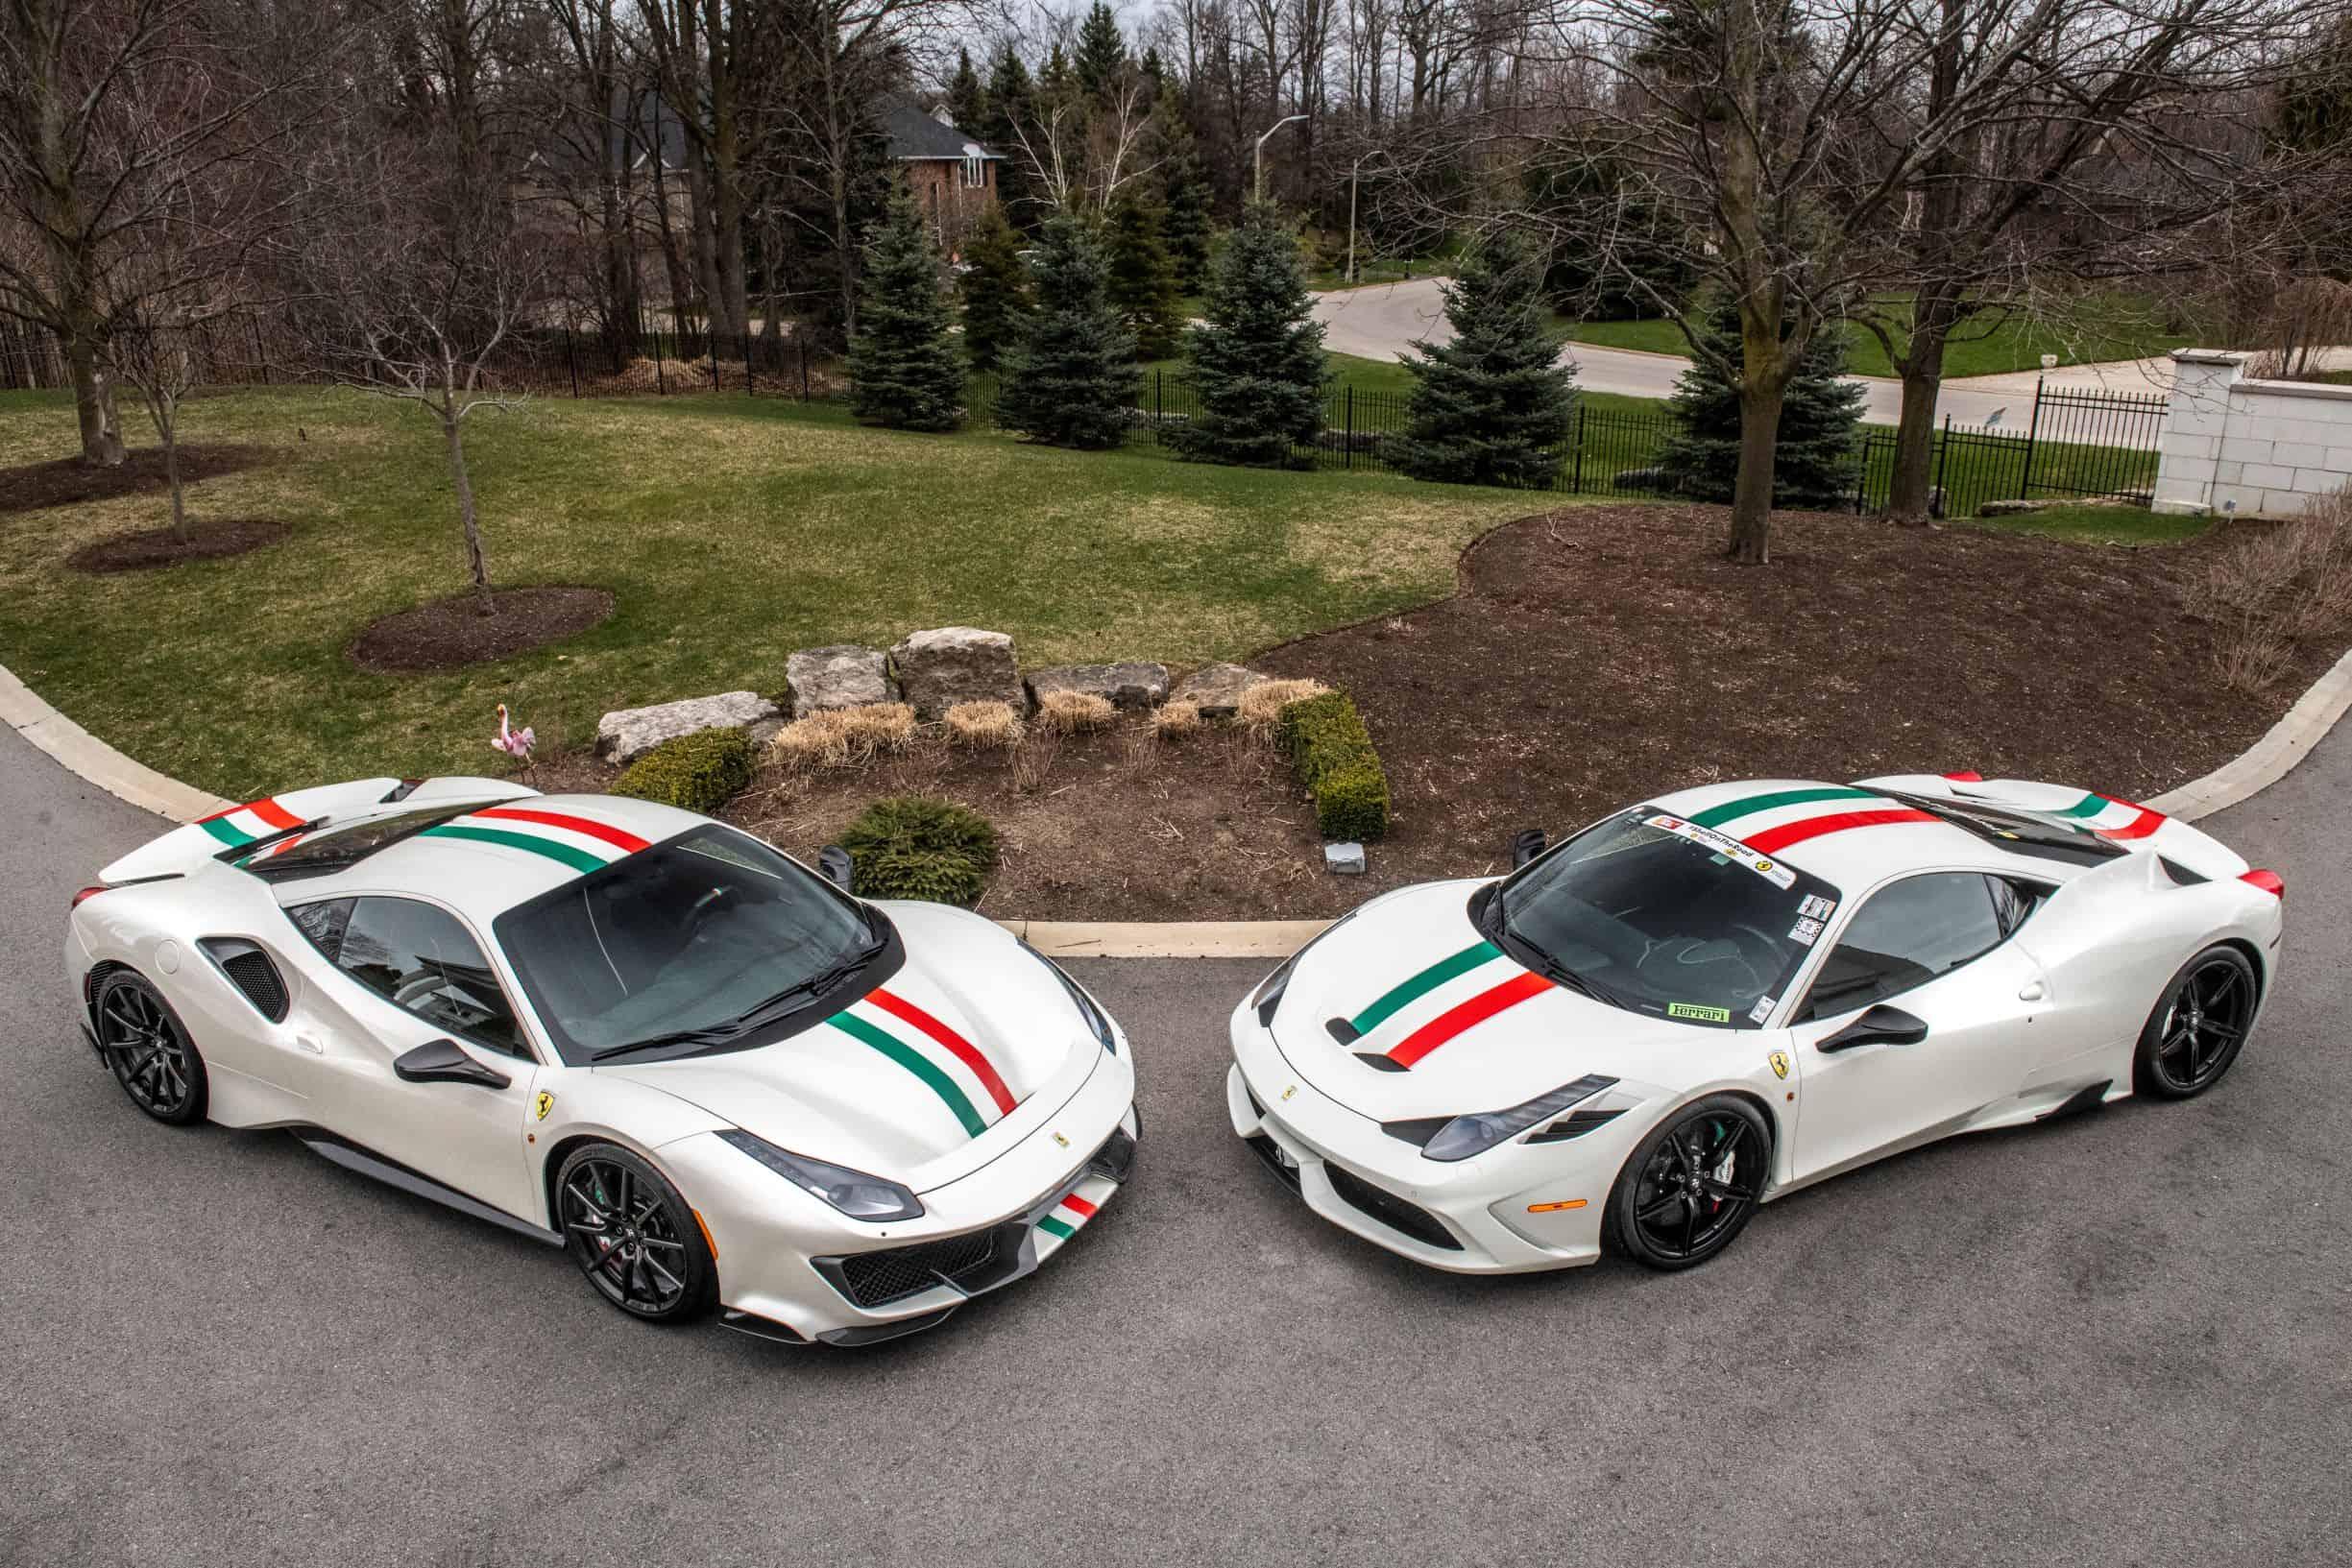 Ferrari 488 Pista and a Ferrari 450 Speciale